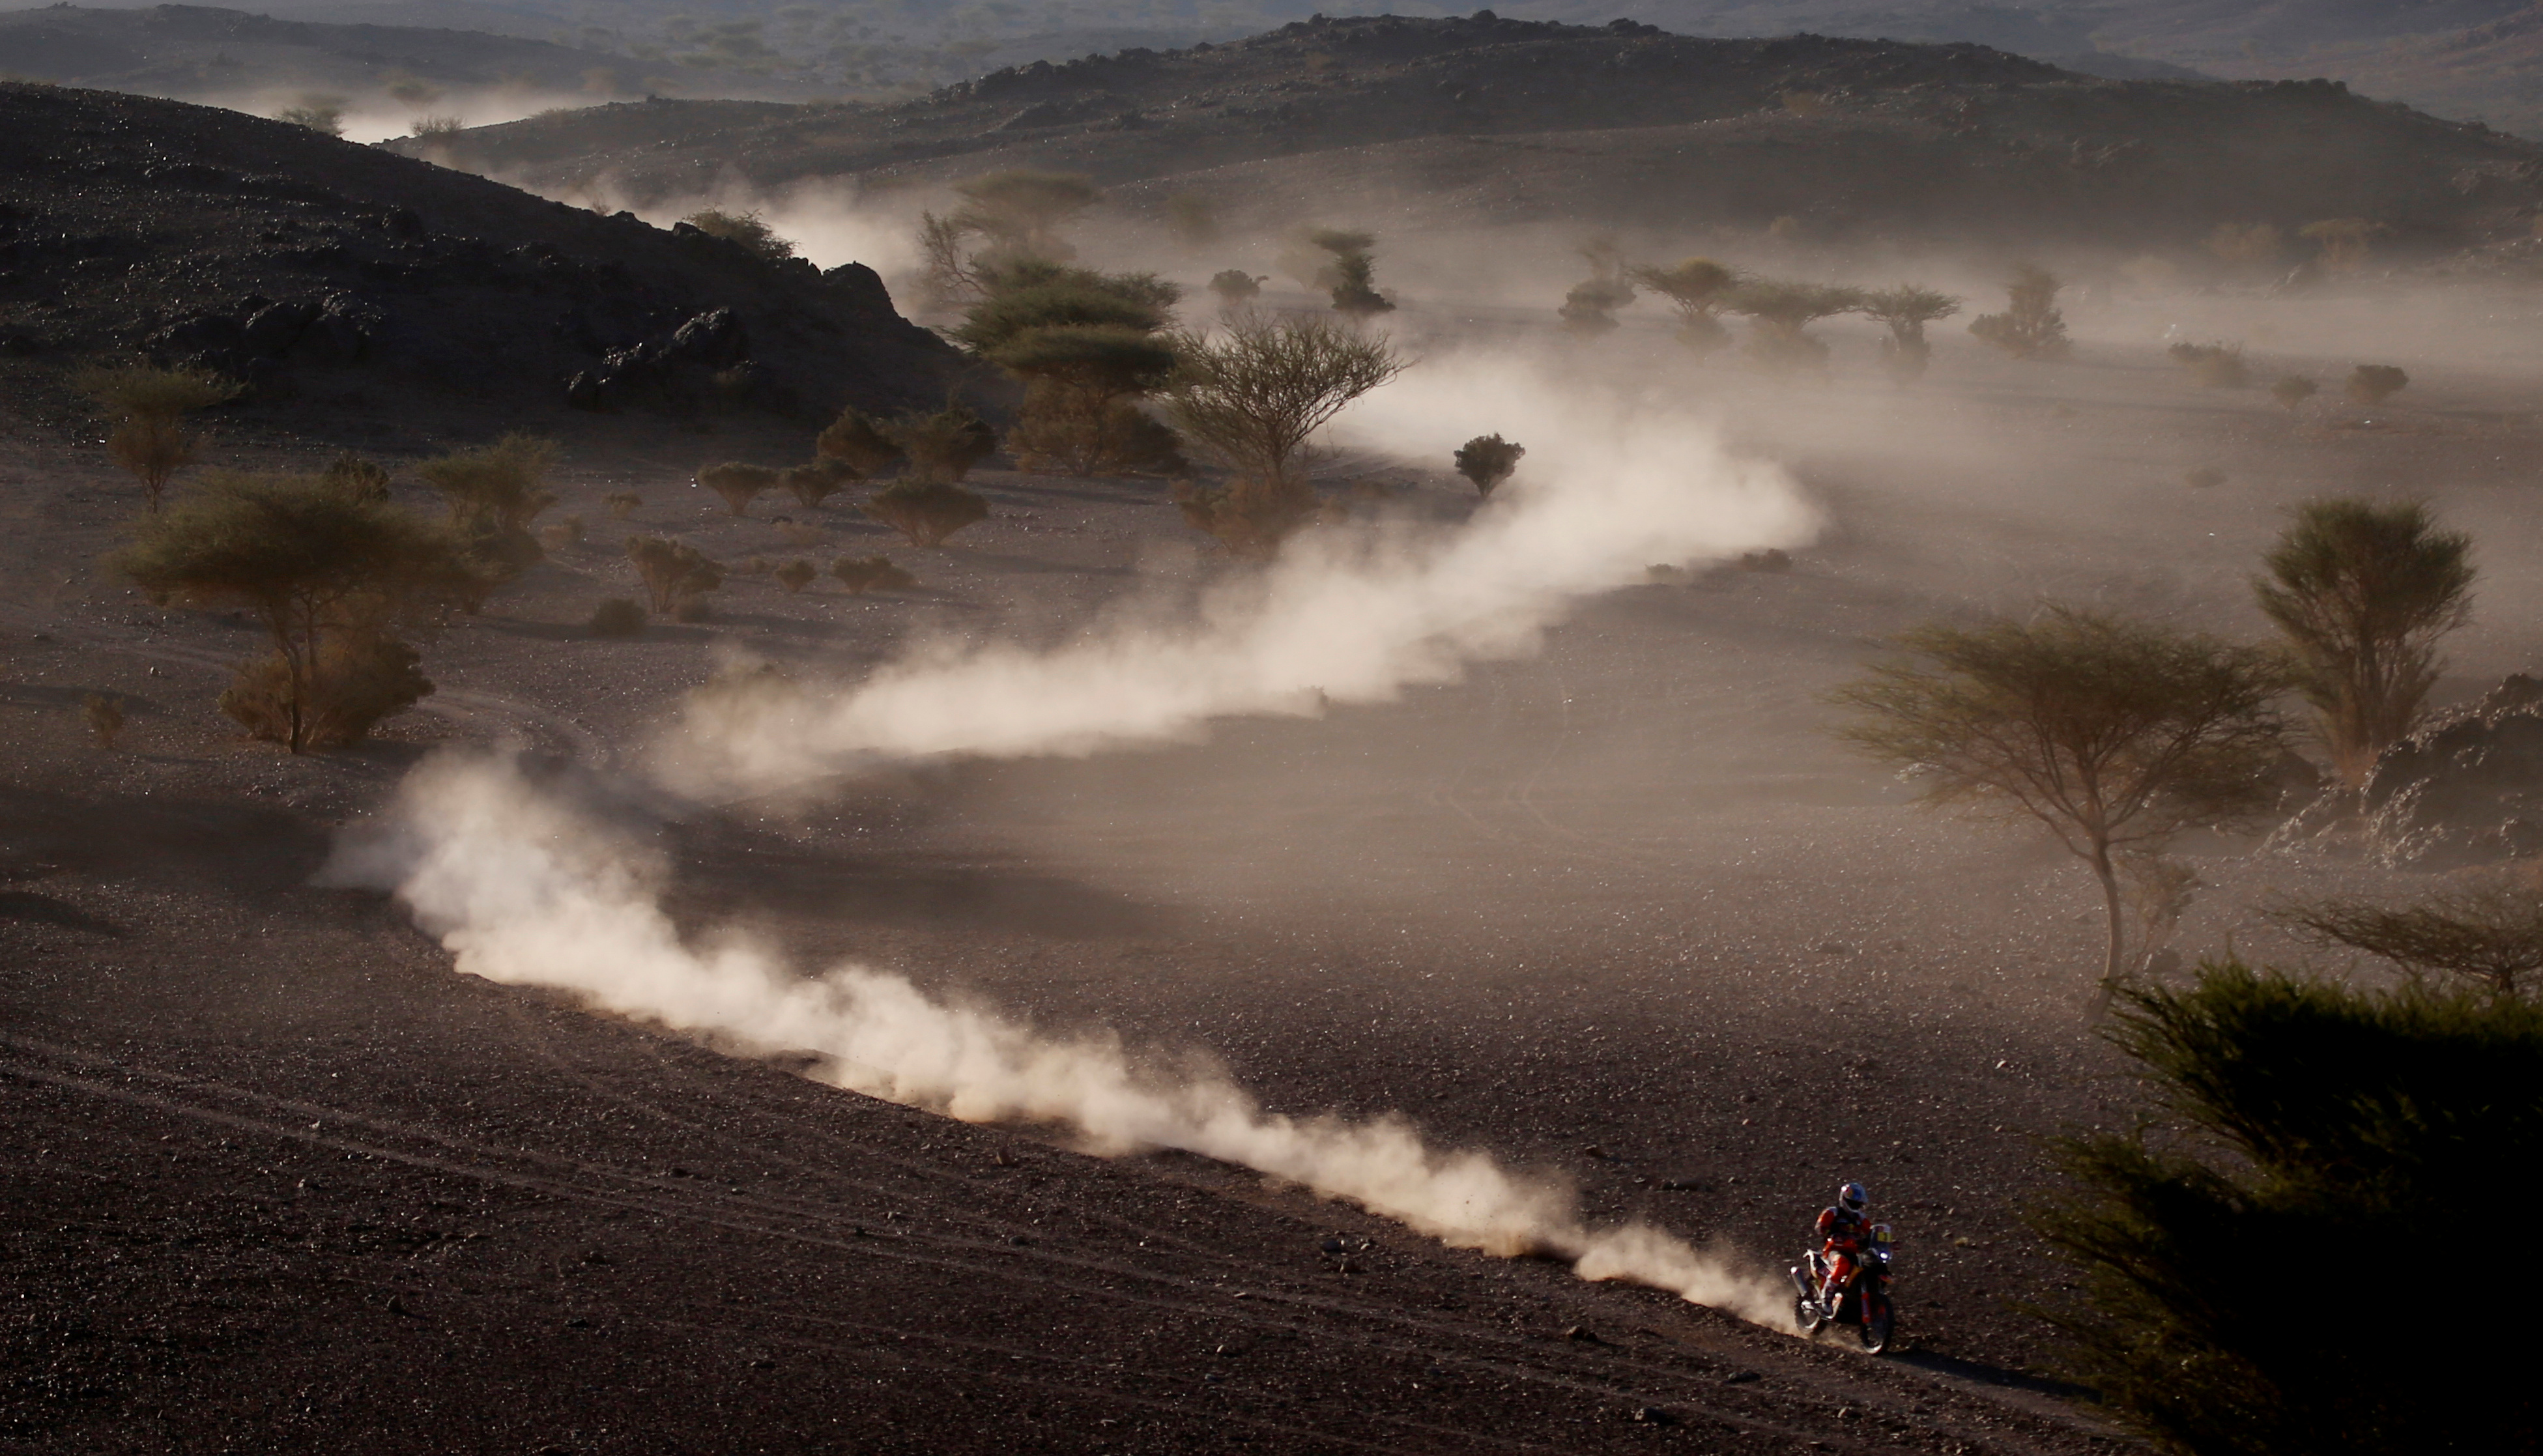 El chileno José Ignacio Cornejo (Honda) se impuso en motos, después de que el vencedor inicial de la jornada, el inglés Sam Sunderland (KTM), fuera penalizado con cinco minutos por exceso de velocidad